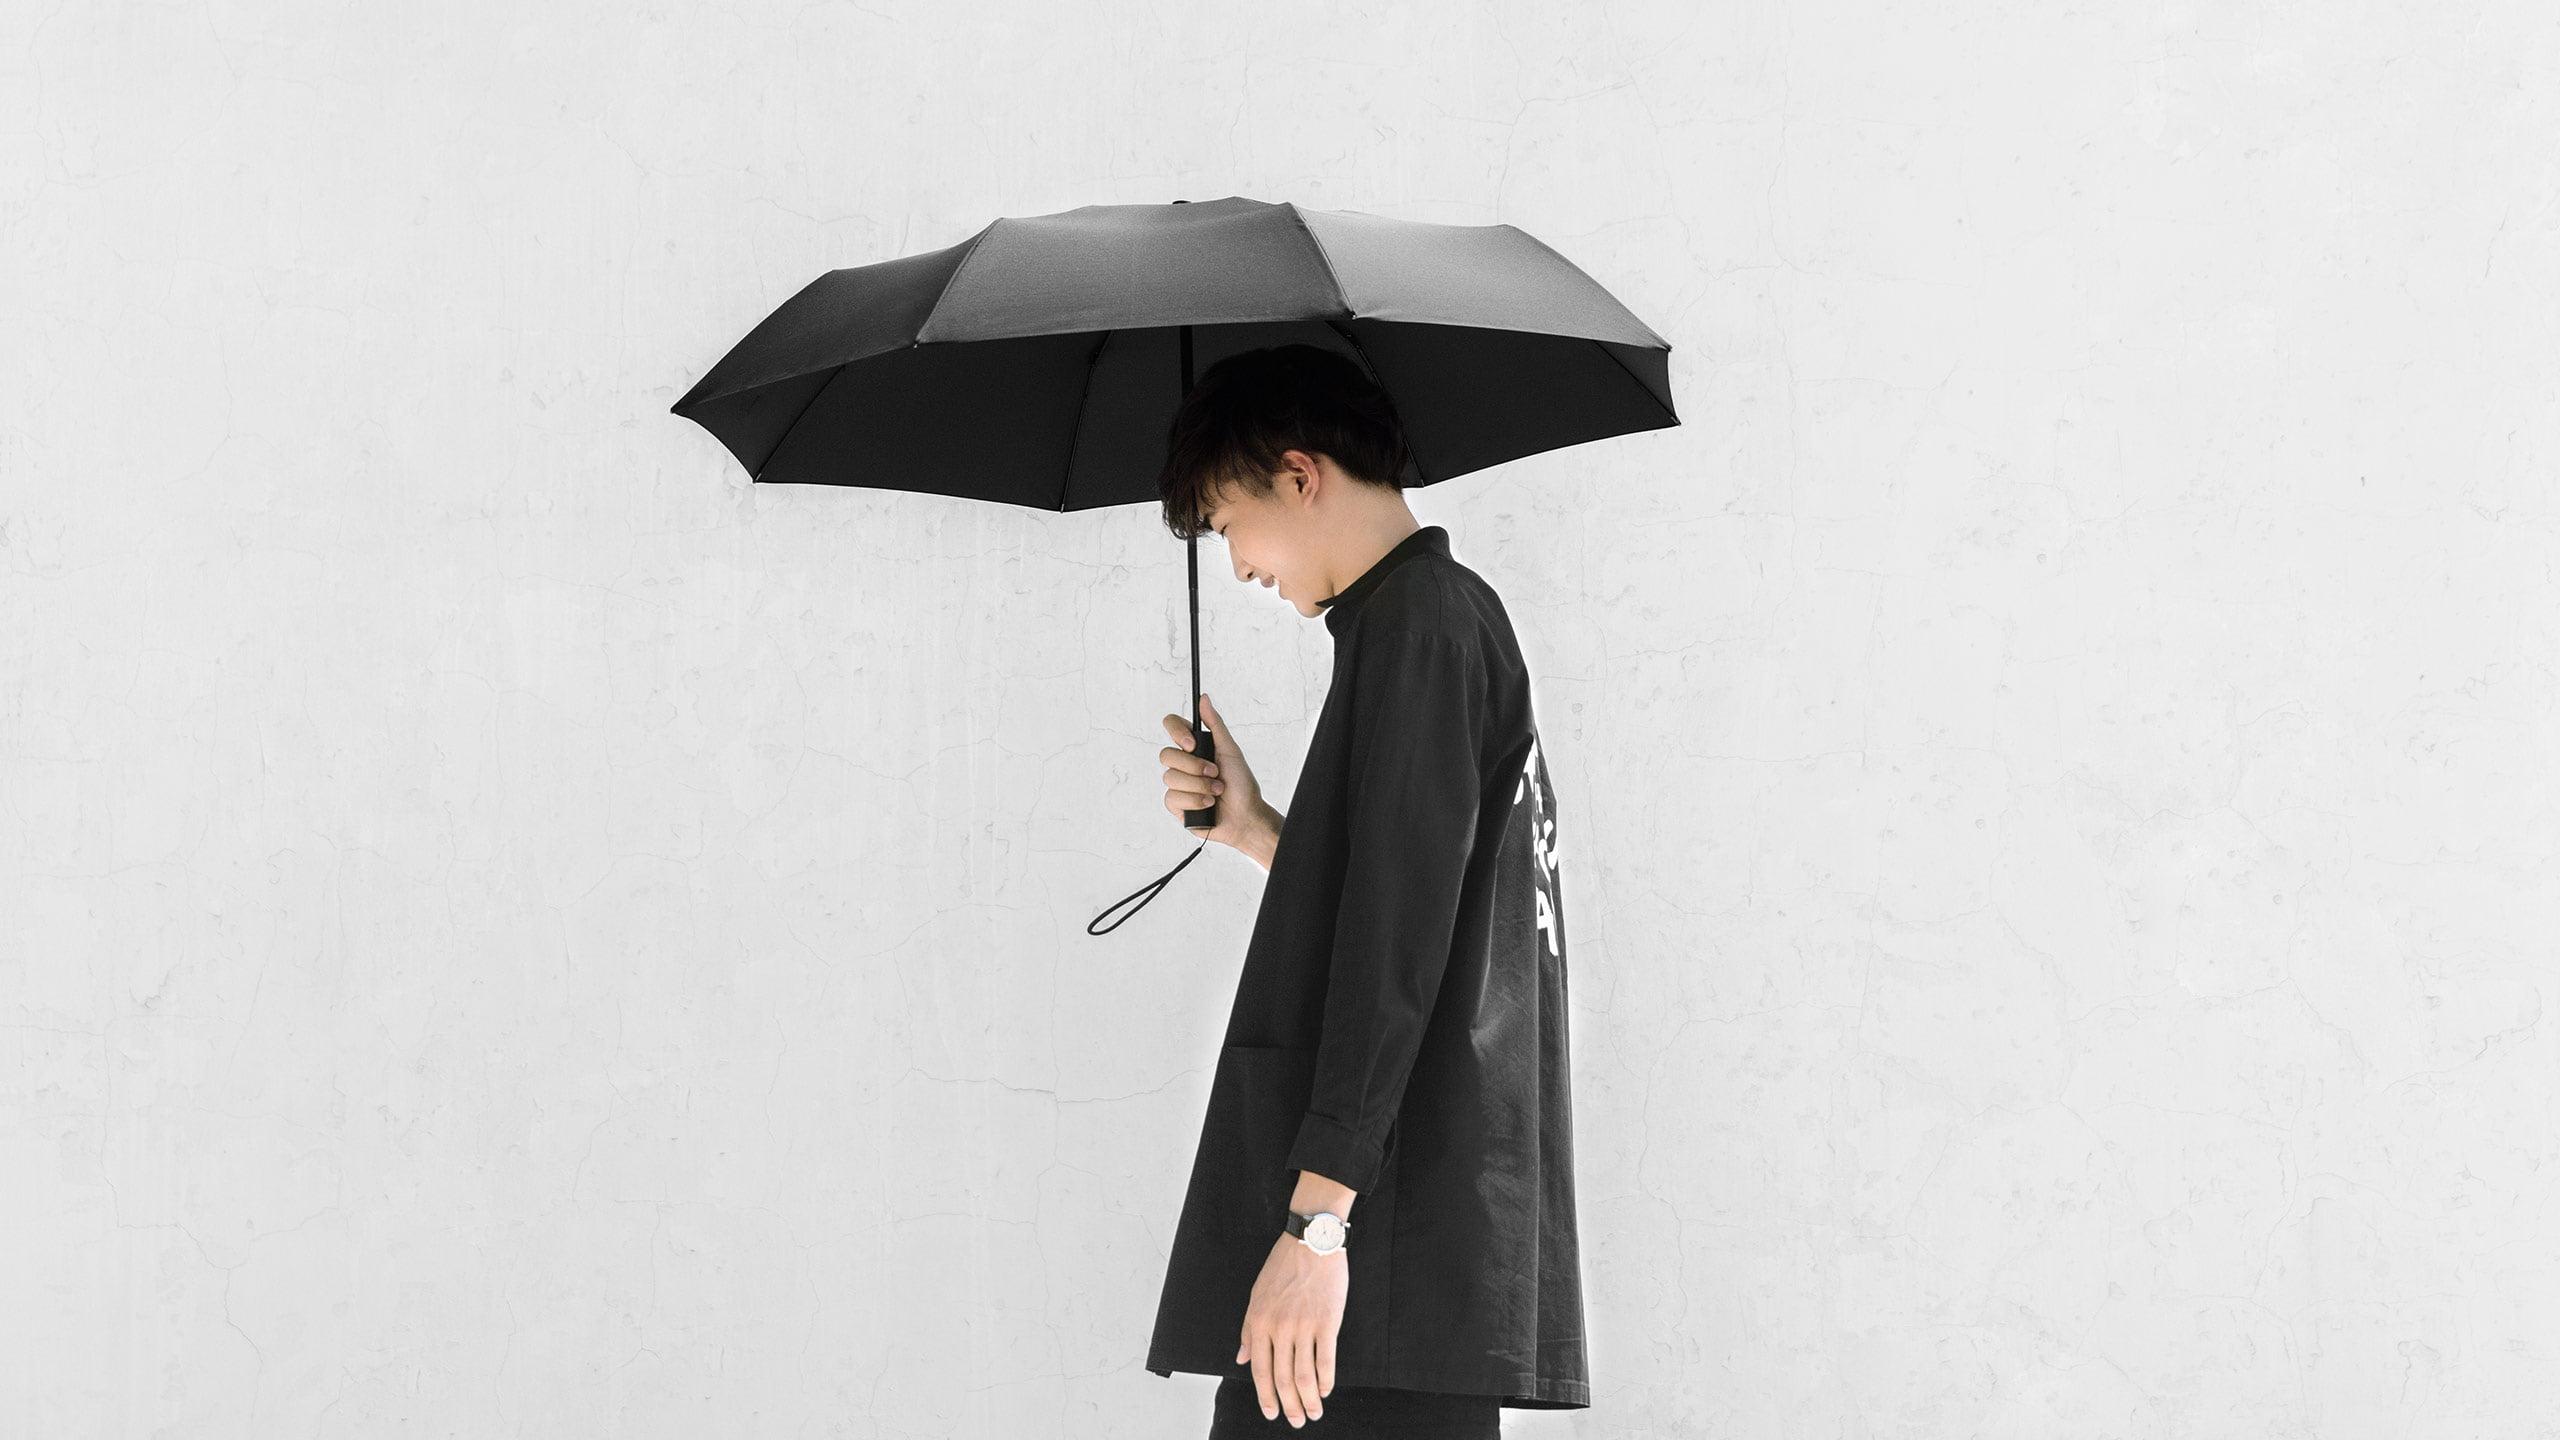 Tabletowo.pl Nowe urządzenia Xiaomi dostępne w oficjalnej polskiej dystrybucji, w tym na przykład... parasol Akcesoria Nowości Xiaomi